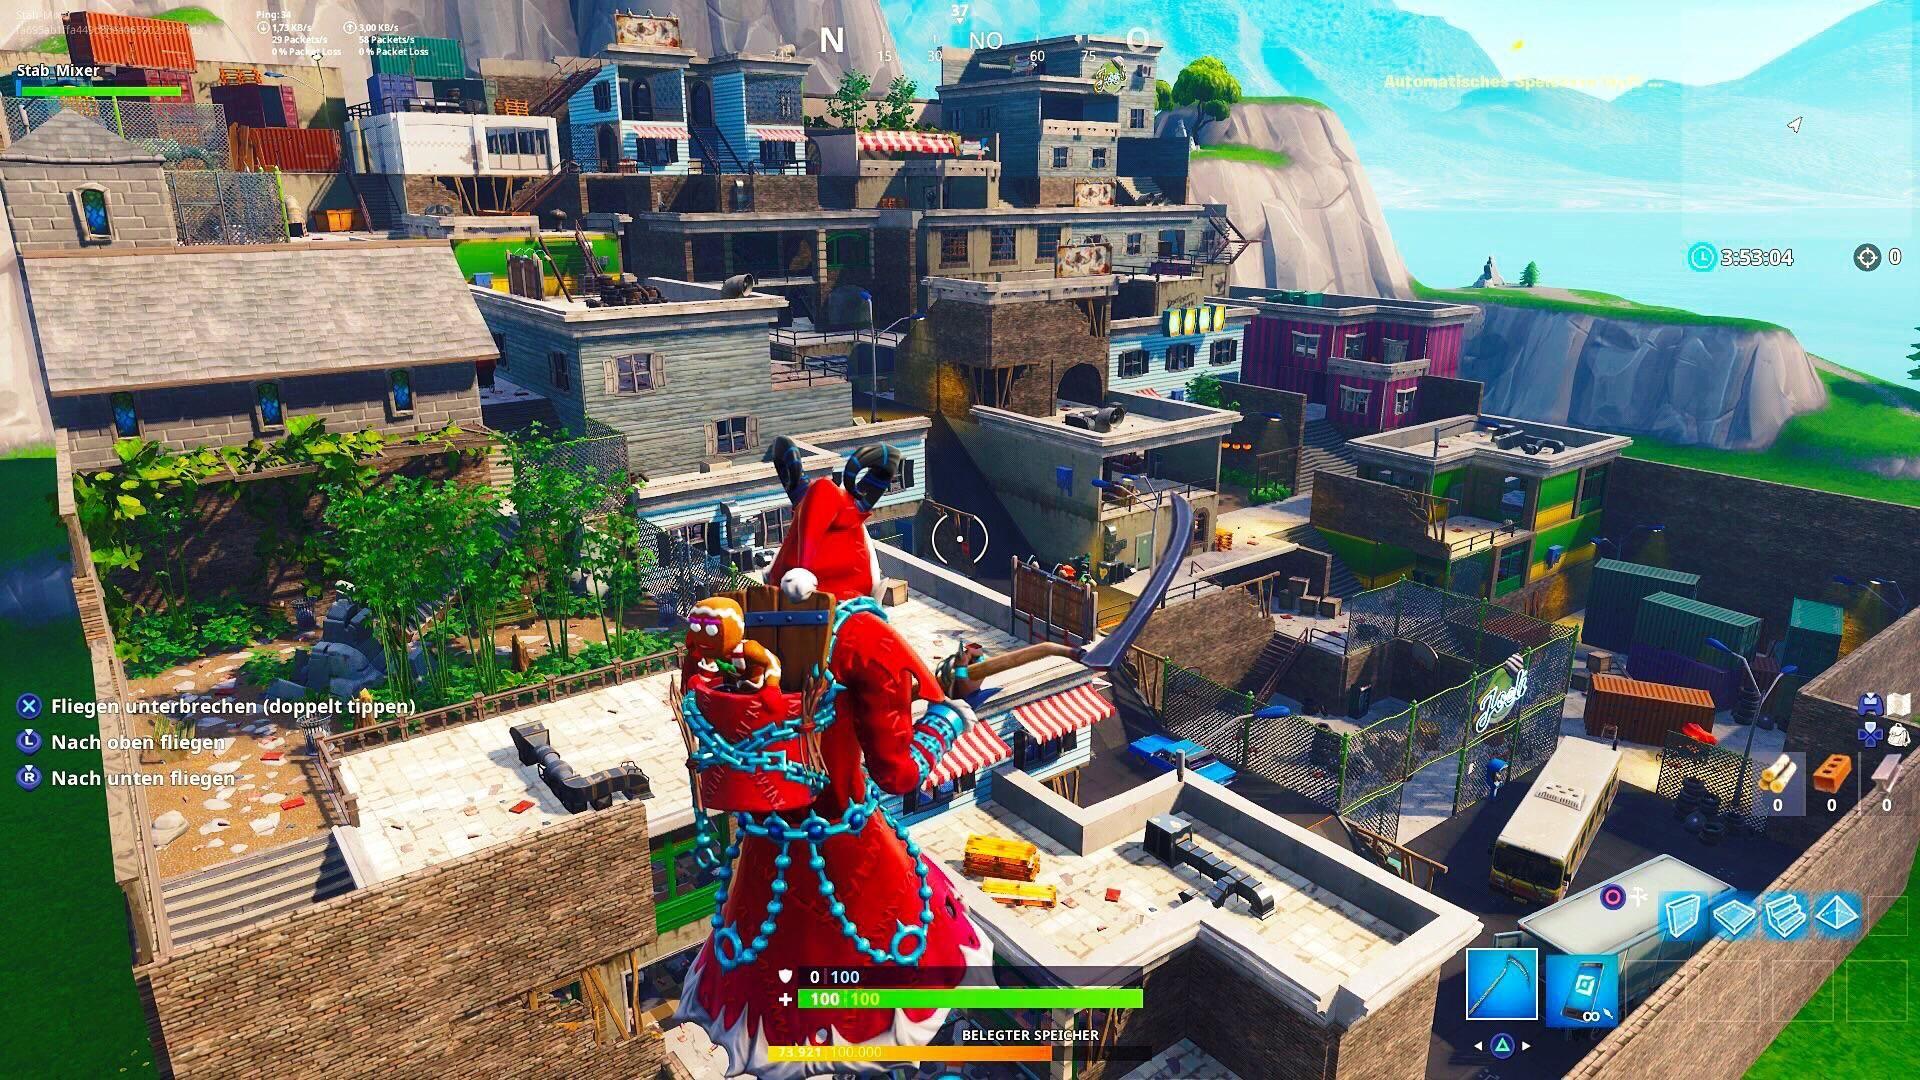 Fortnite fan recreates the Favela map from Modern Warfare